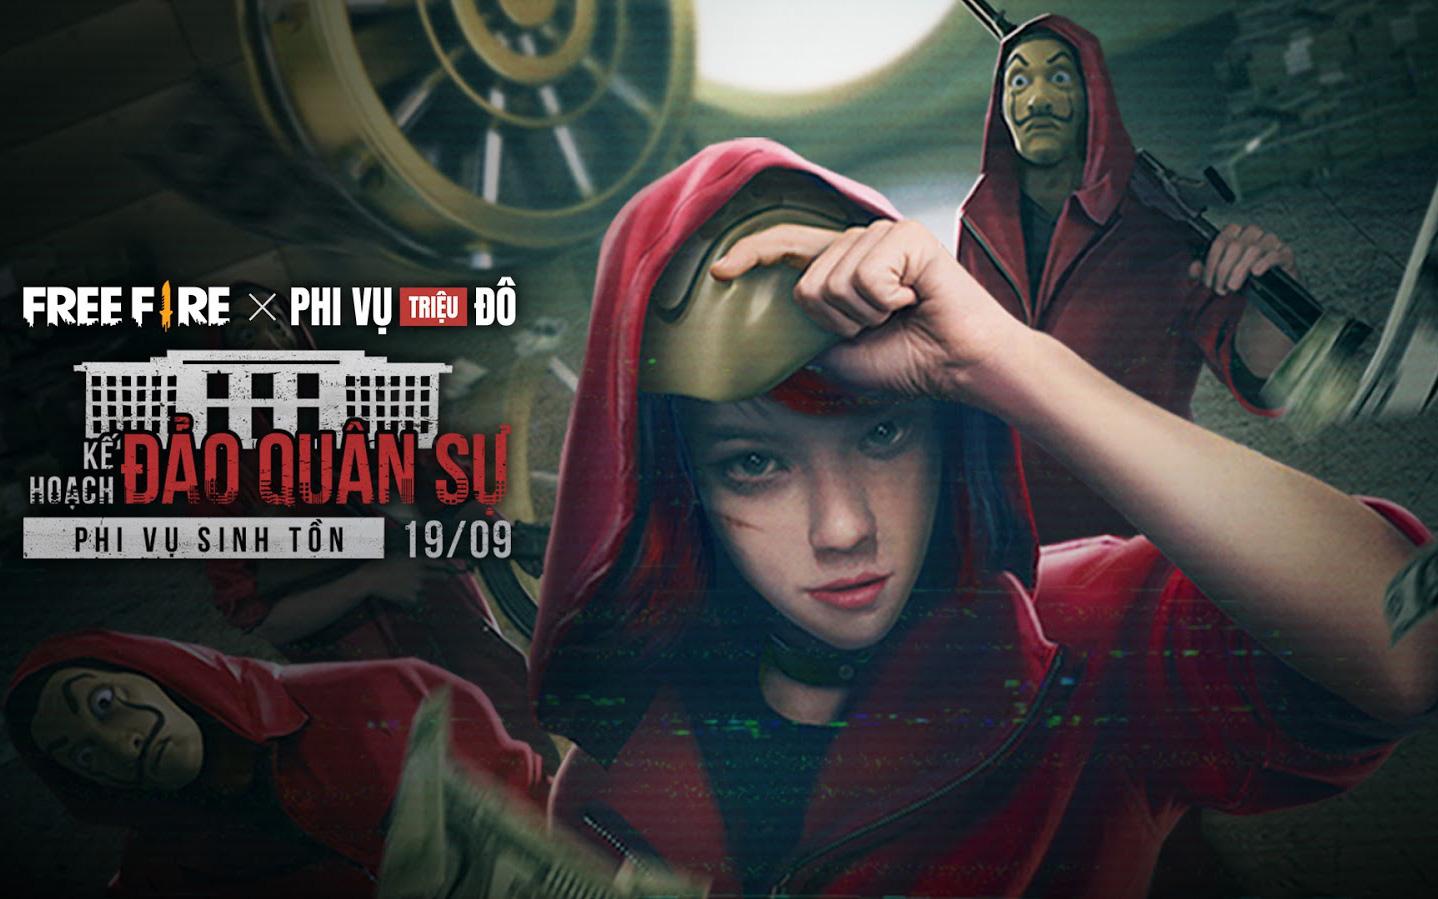 Free Fire bất ngờ công bố hợp tác cùng phim Phi Vụ Triệu Đô, game thủ ngồi không cũng nhận được hàng loạt vật phẩm miễn phí